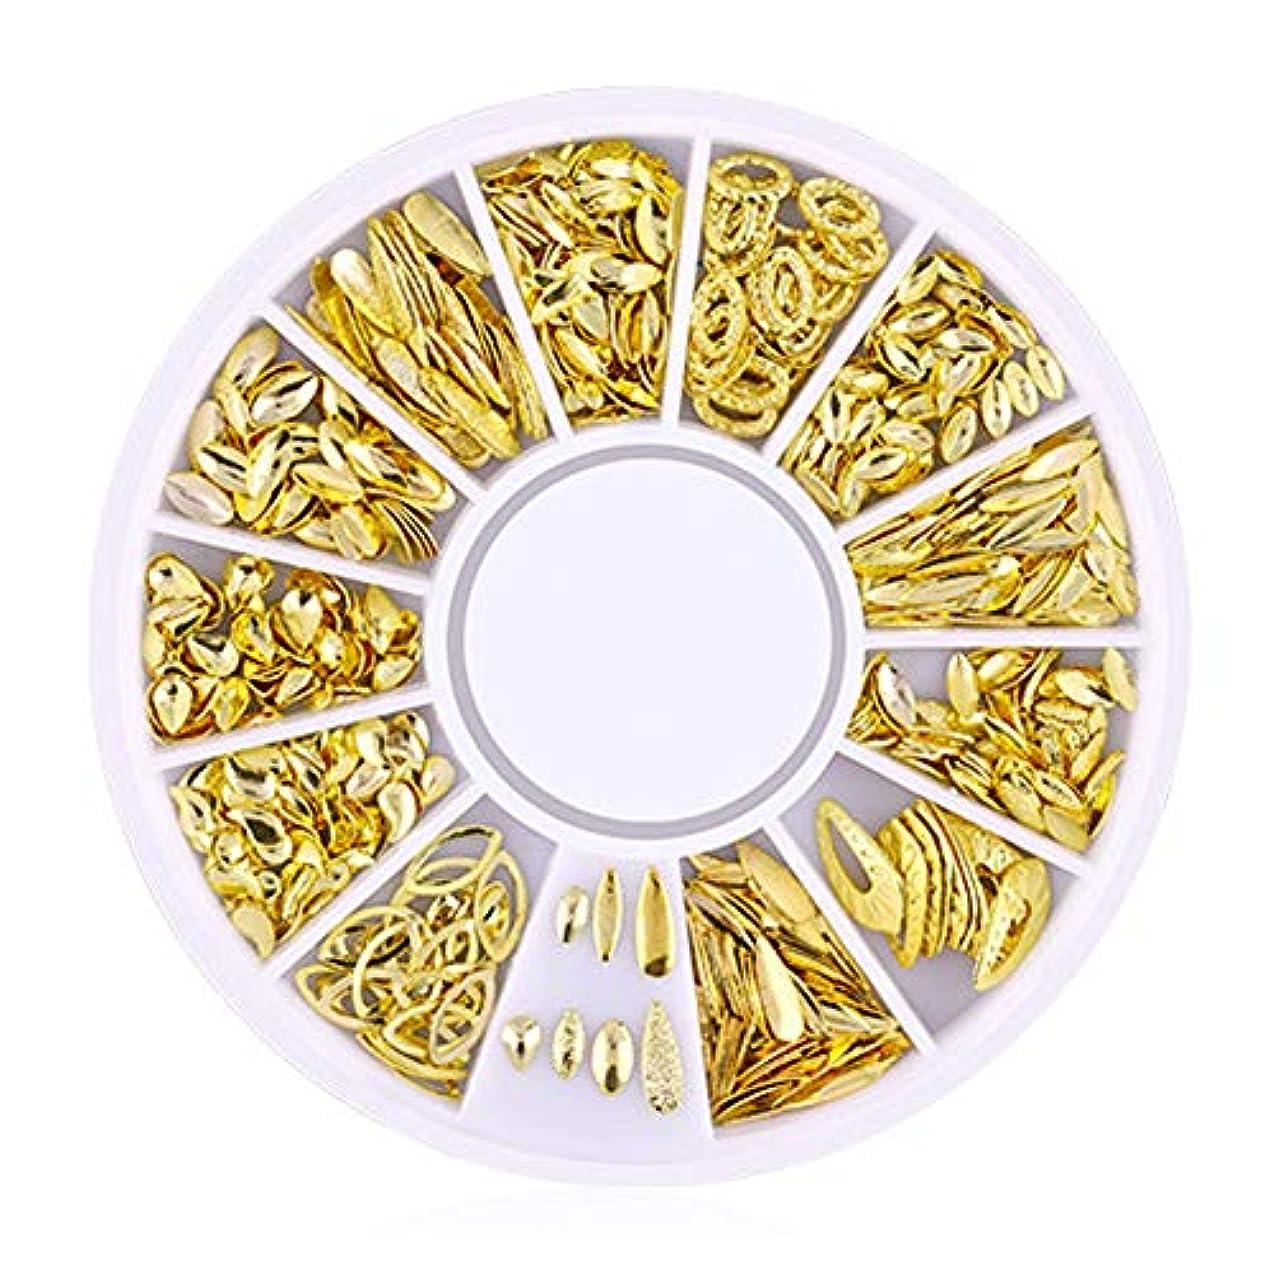 印象的な浪費内なるSnner 3D ネイルパーツ メタル ゴールド ハート 星 月 花 蝶結び 幾何風 12種形 ネイルデコレーション 円型ケース入リ ピンクケース 200点セット (幾何風2)